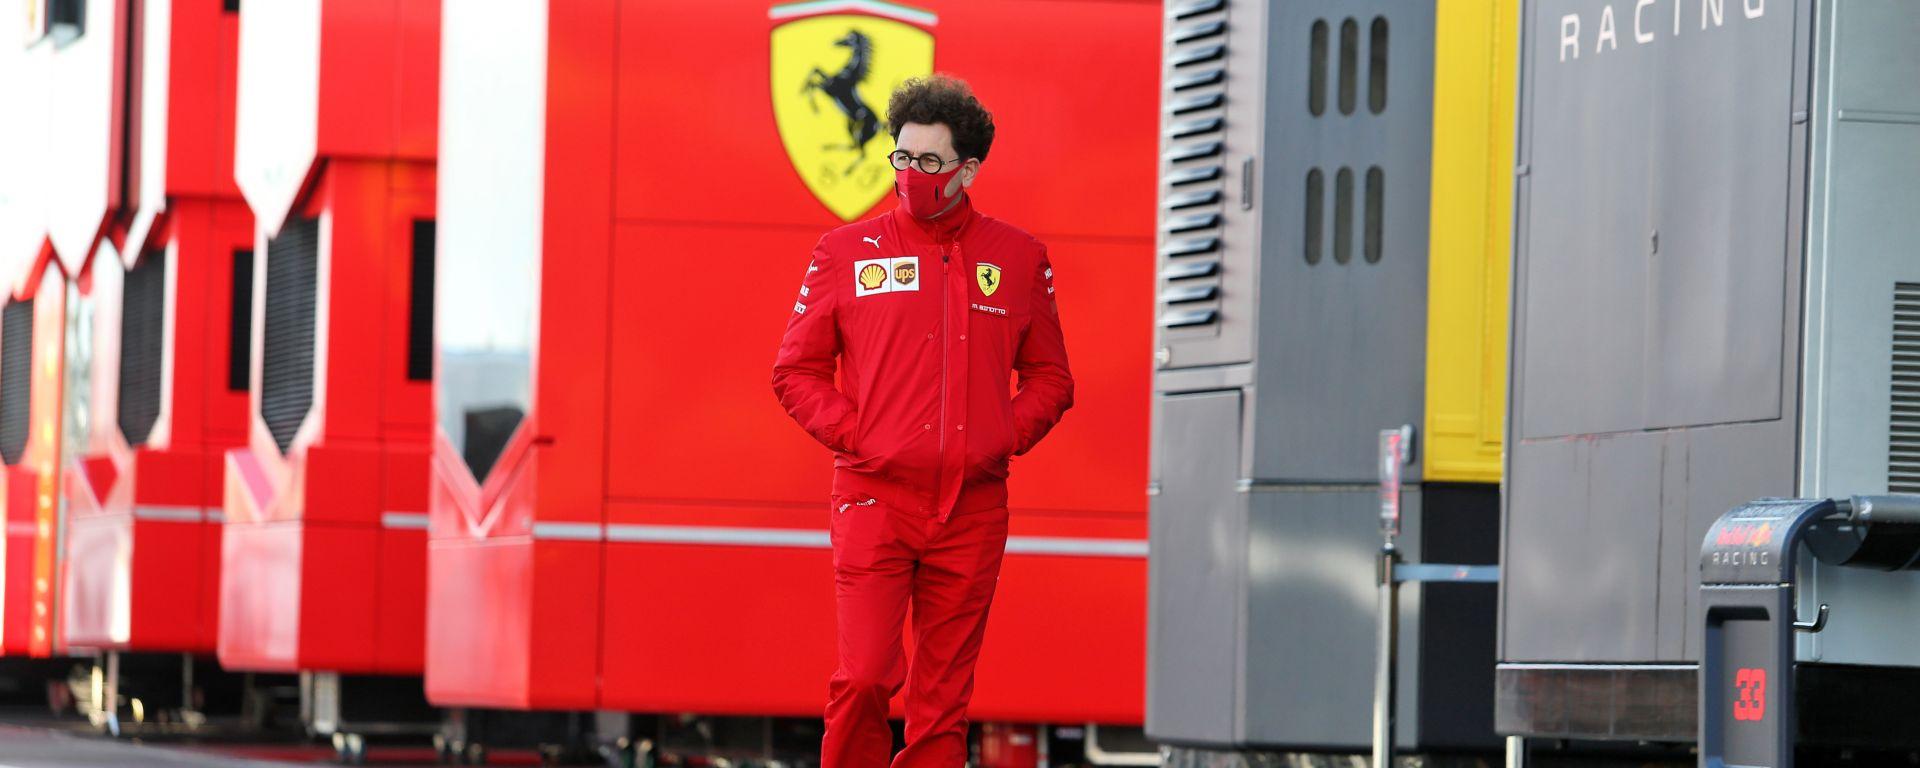 F1, GP Eifel 2020: Mattia Binotto (Ferrari)